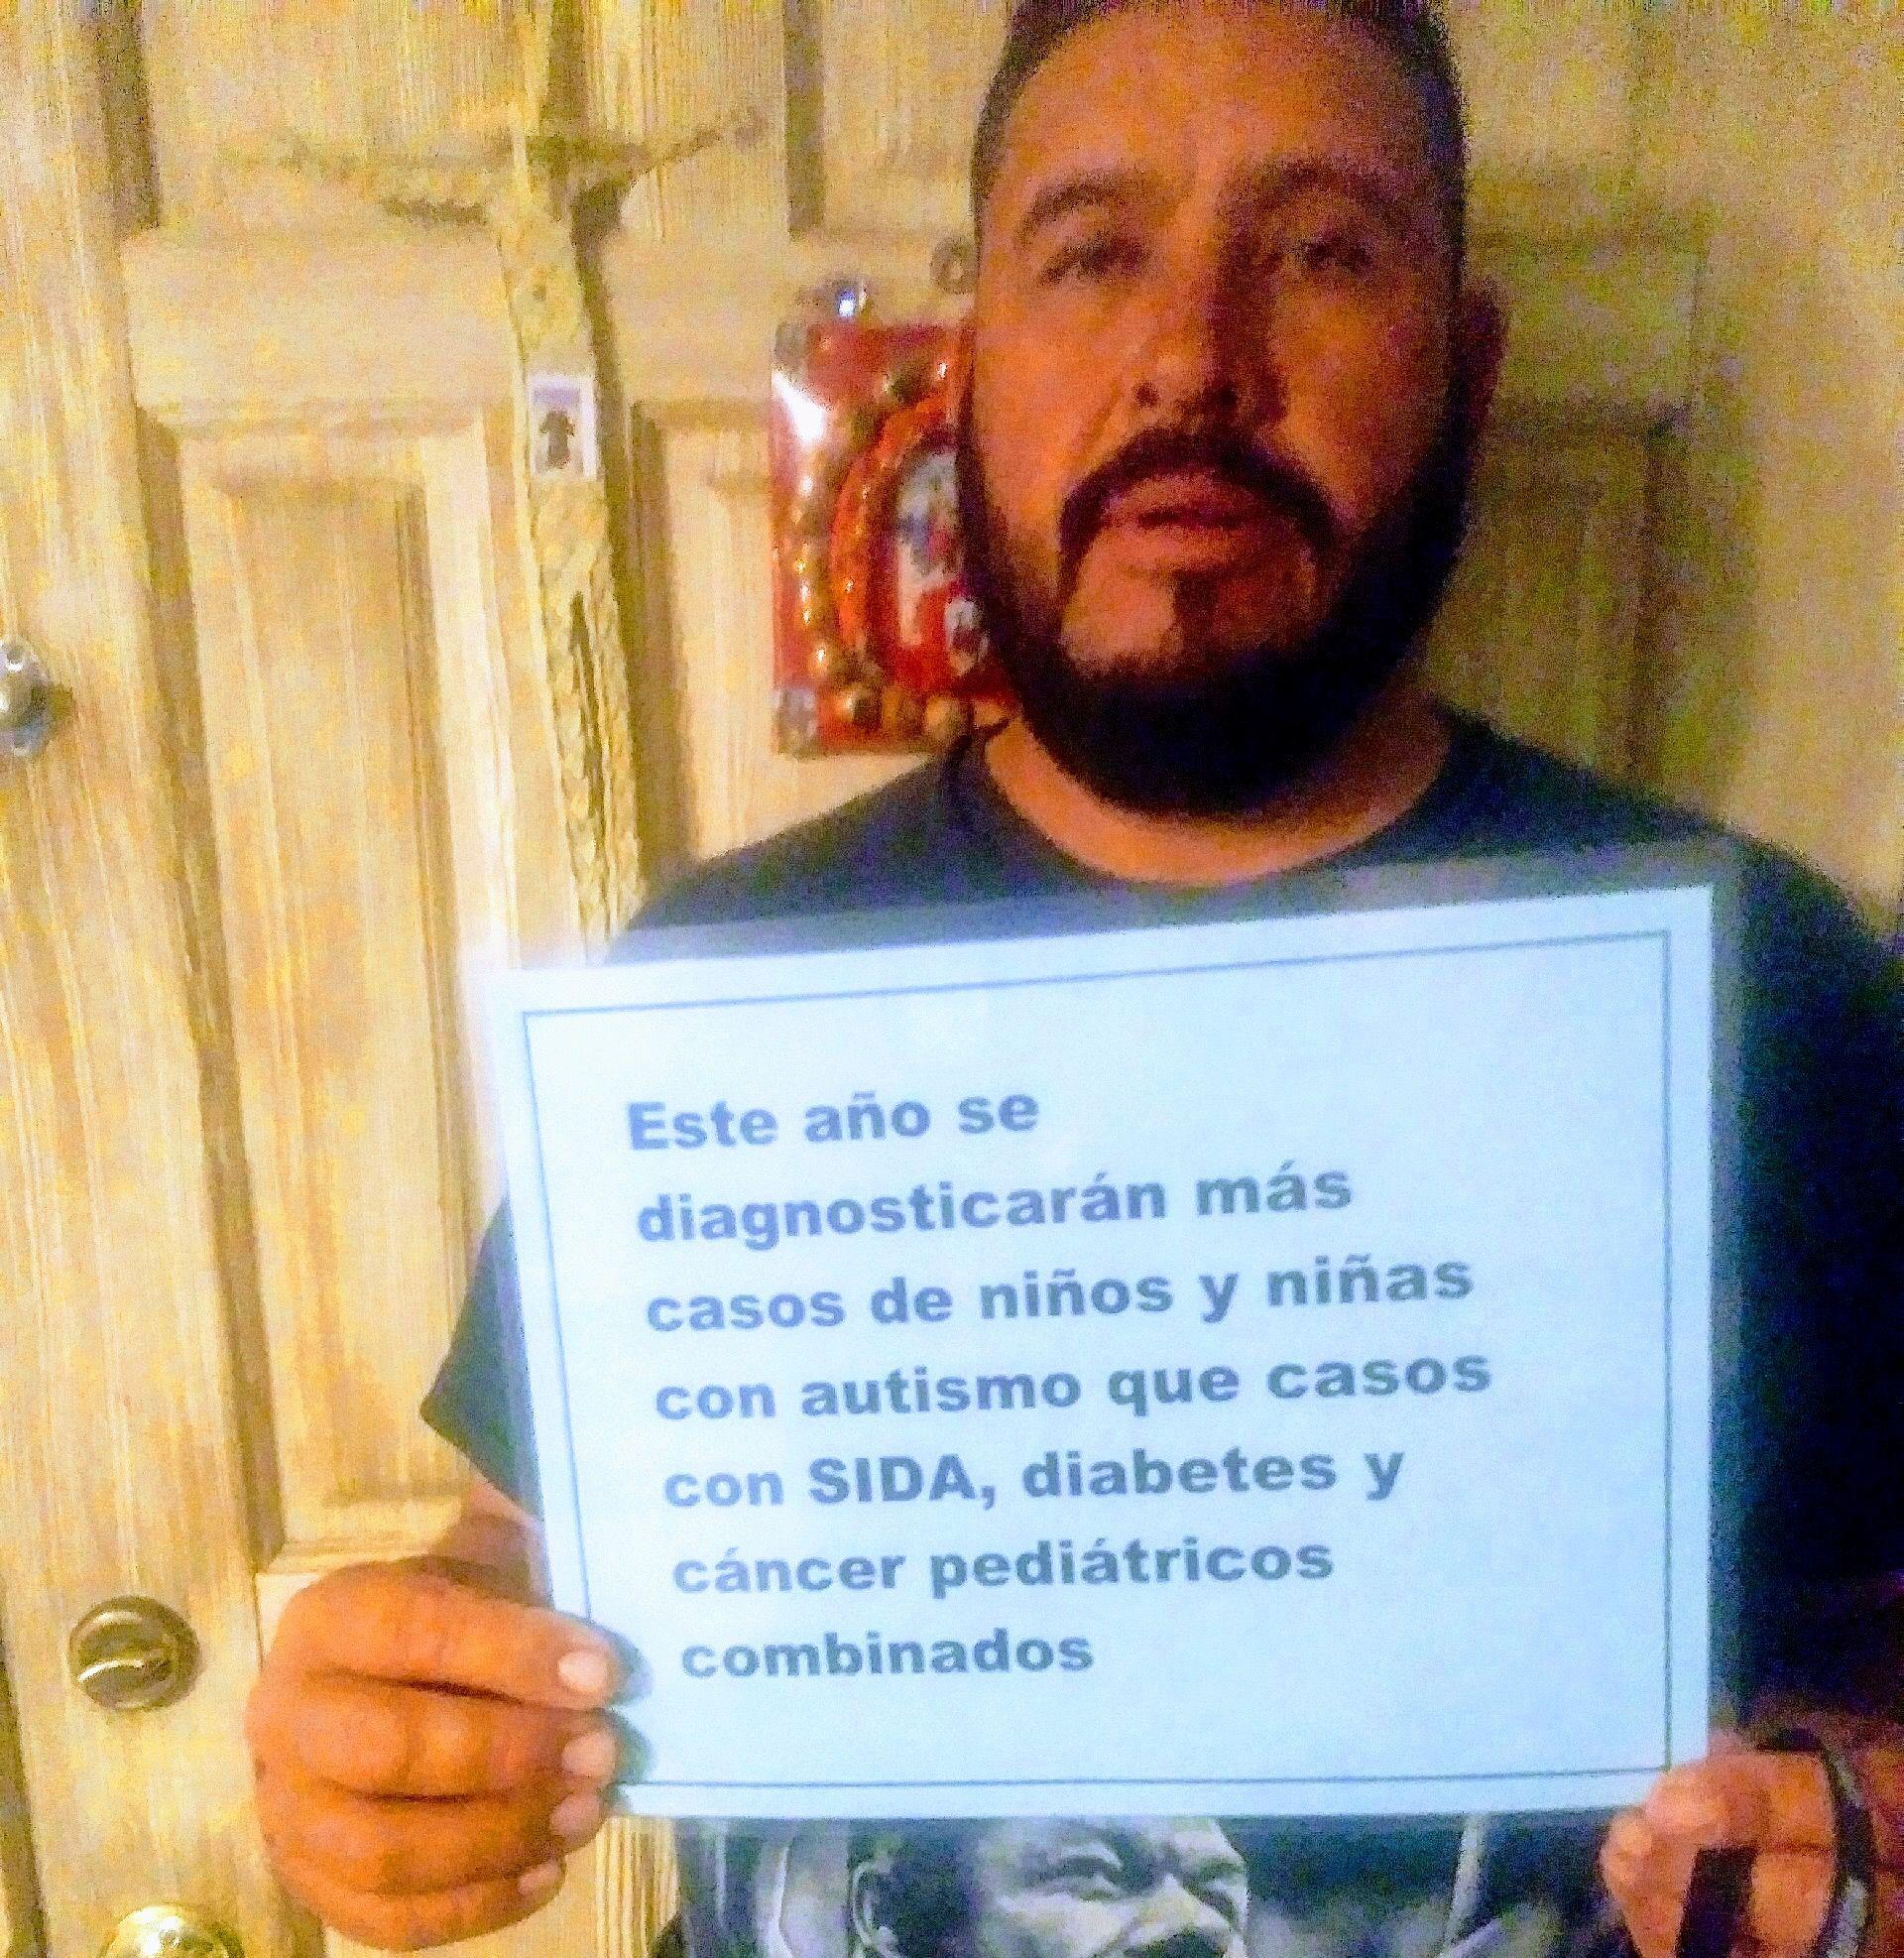 Jesus Villegas Lopez